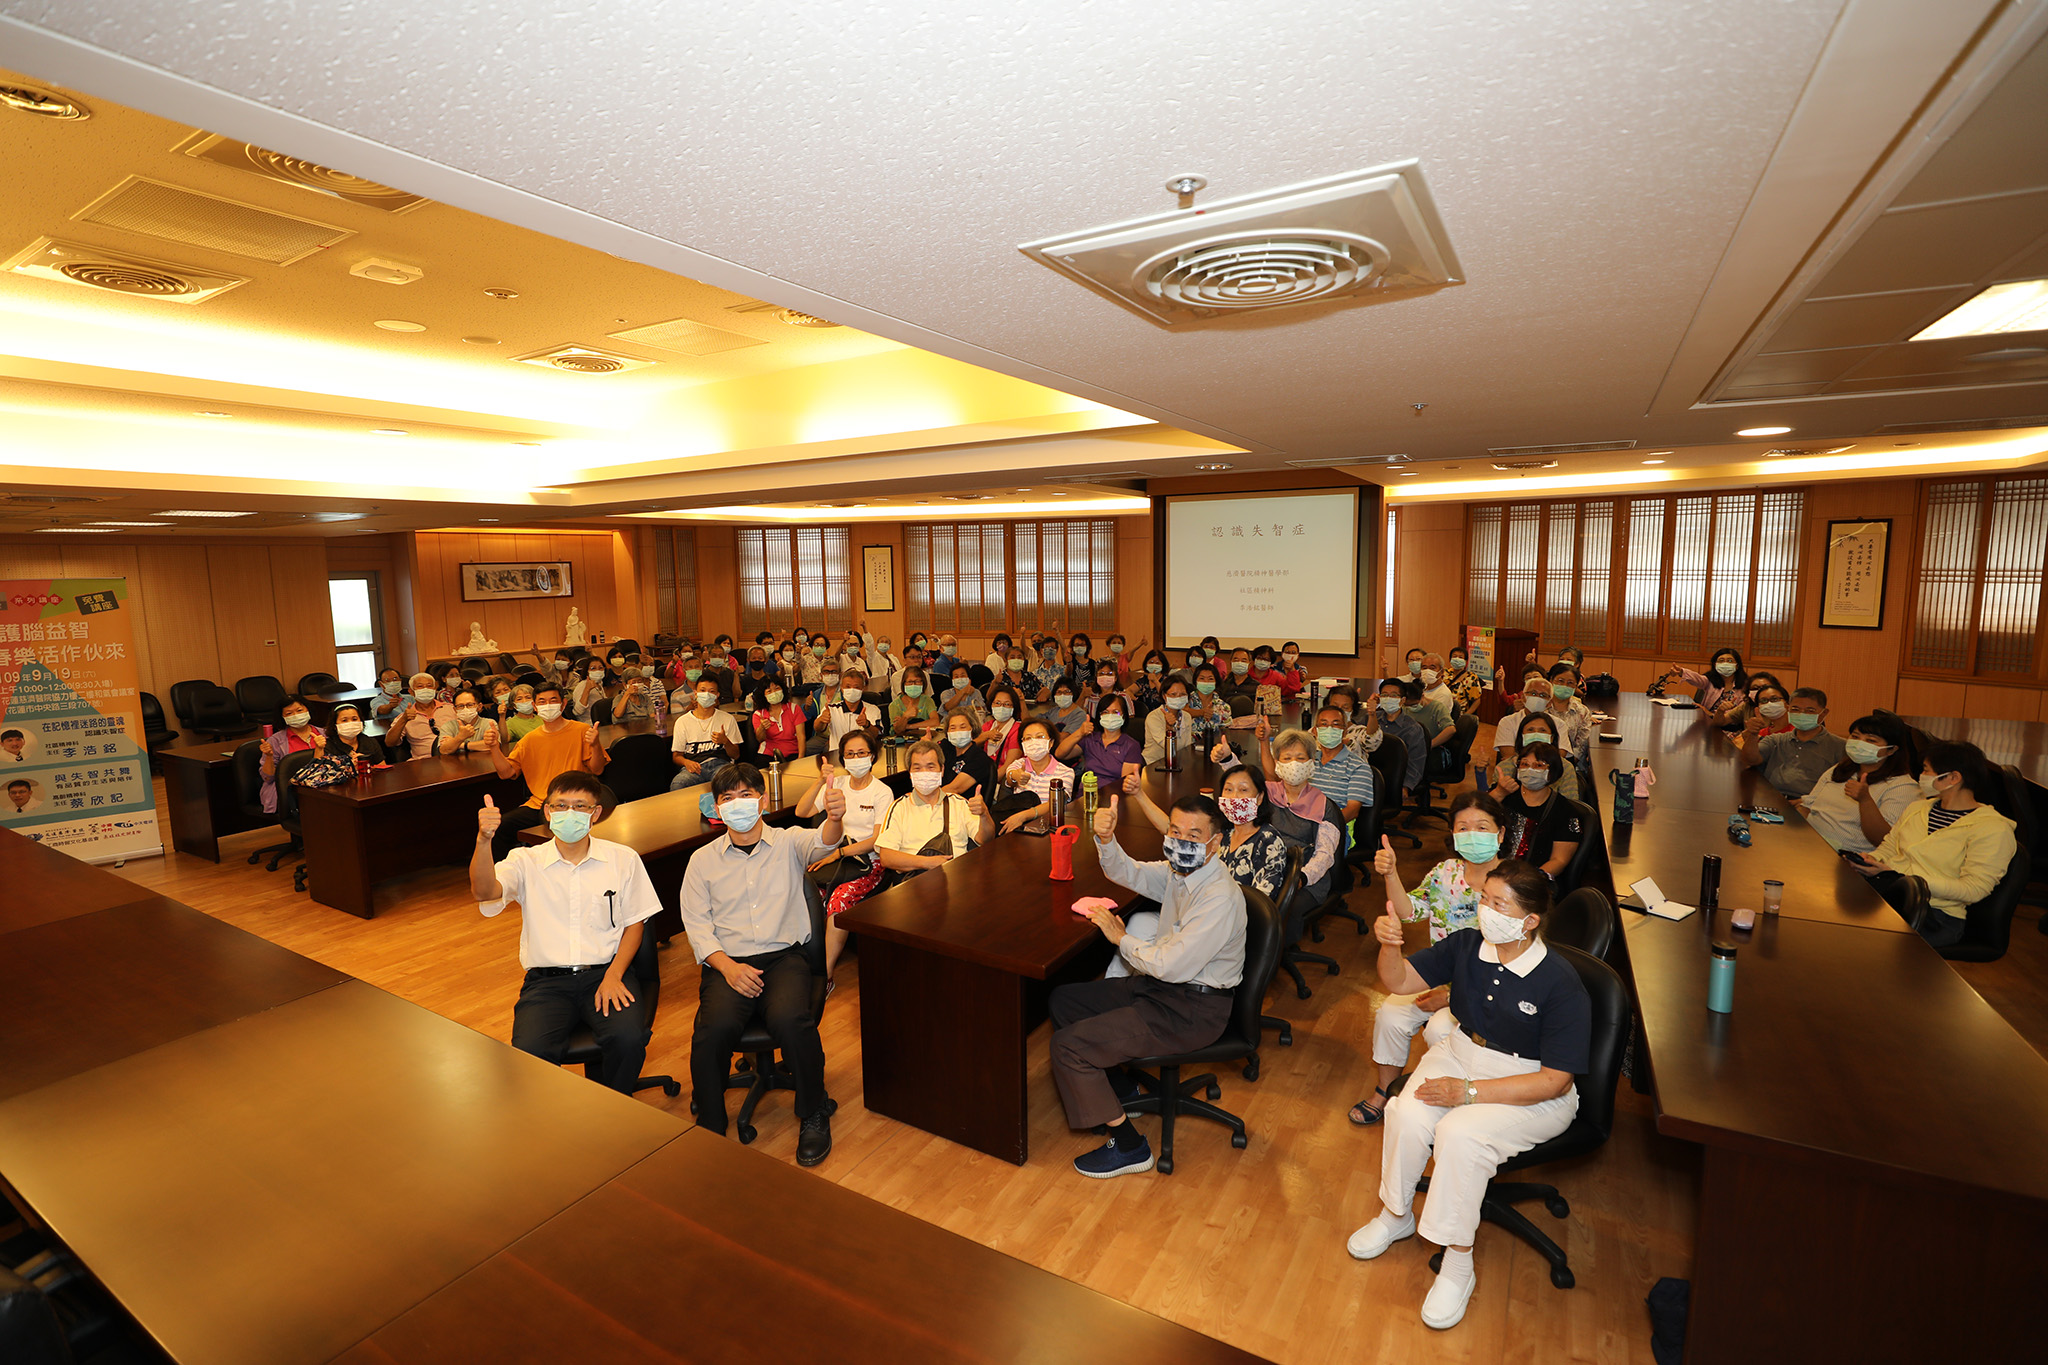 十九日上午,花蓮慈濟醫院舉辦「護腦益智」健康講座,與民眾一起認識失智症。